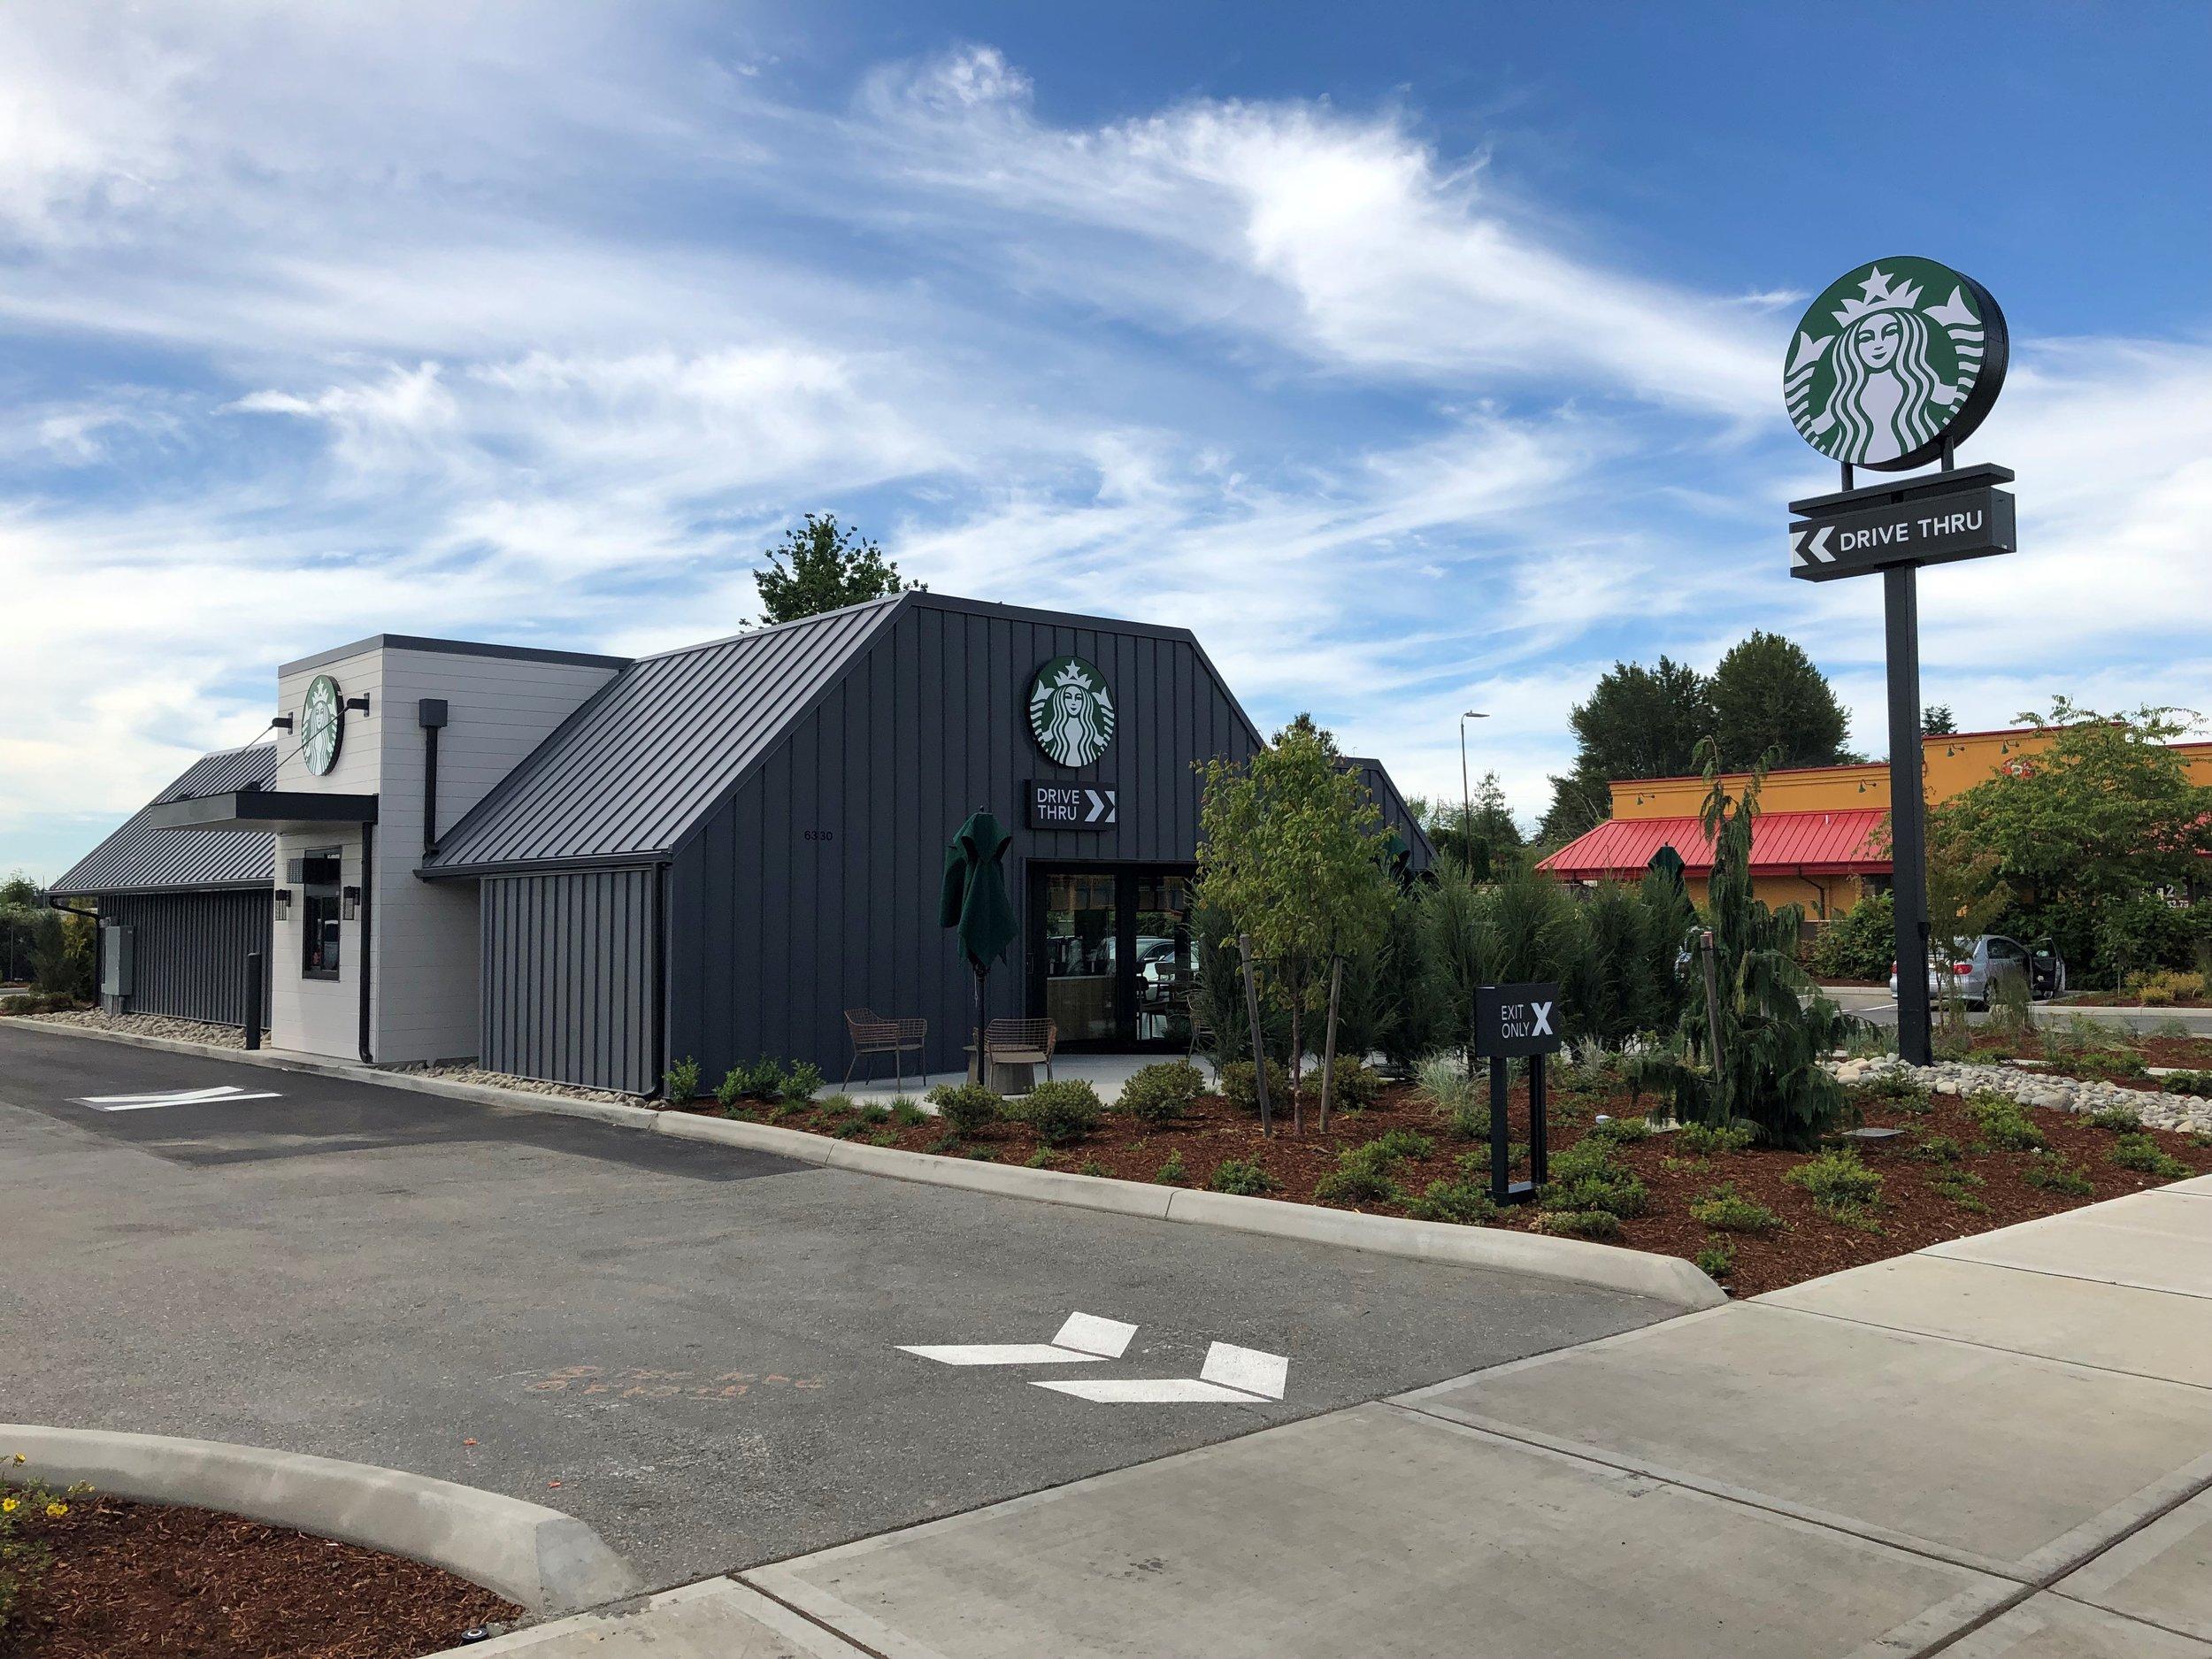 Starbucks - Tacoma, WA